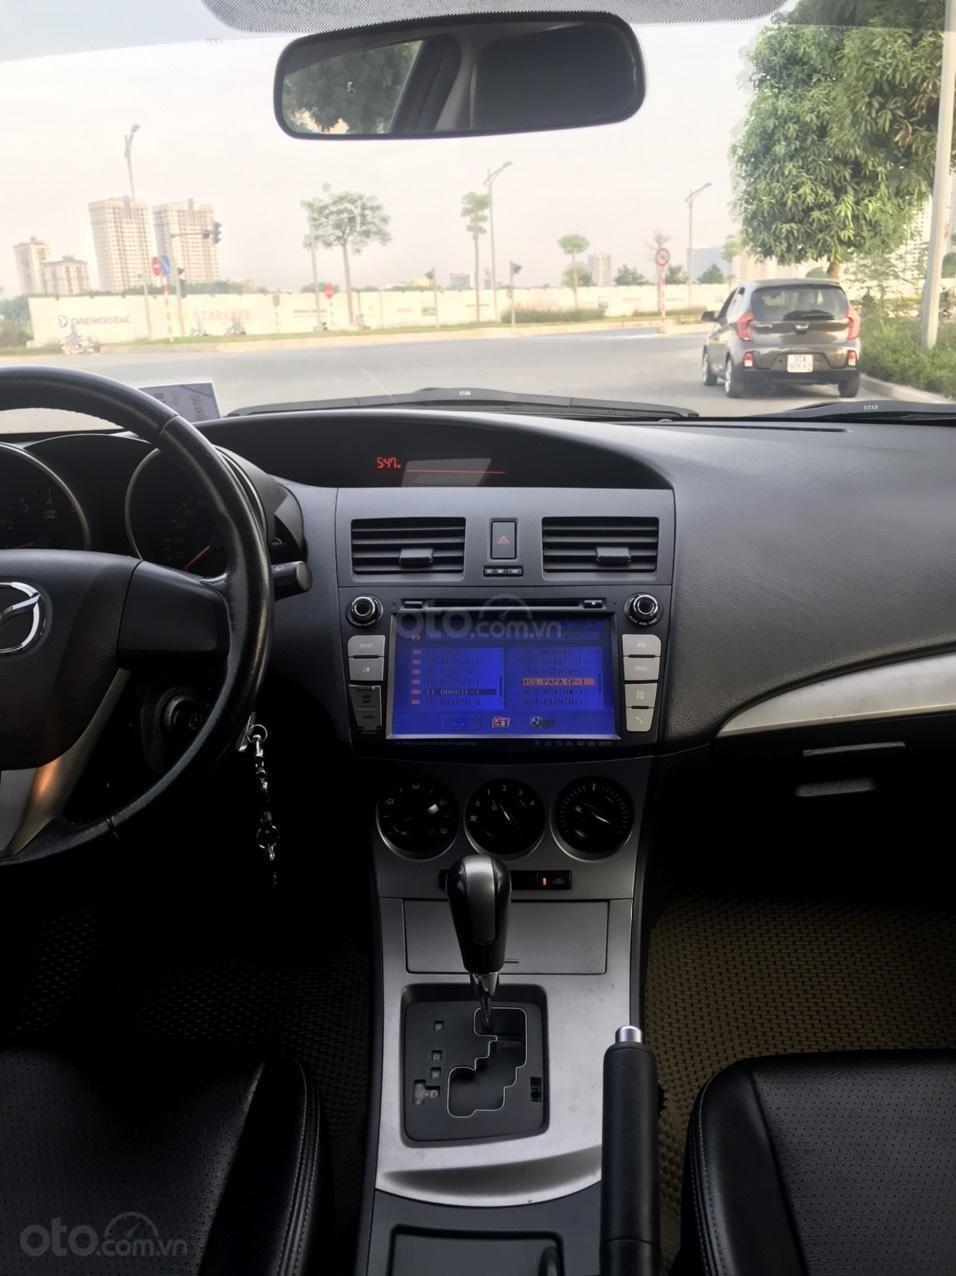 Cần bán Mazda 3 Hatchback 2010 màu đỏ chính chủ (8)